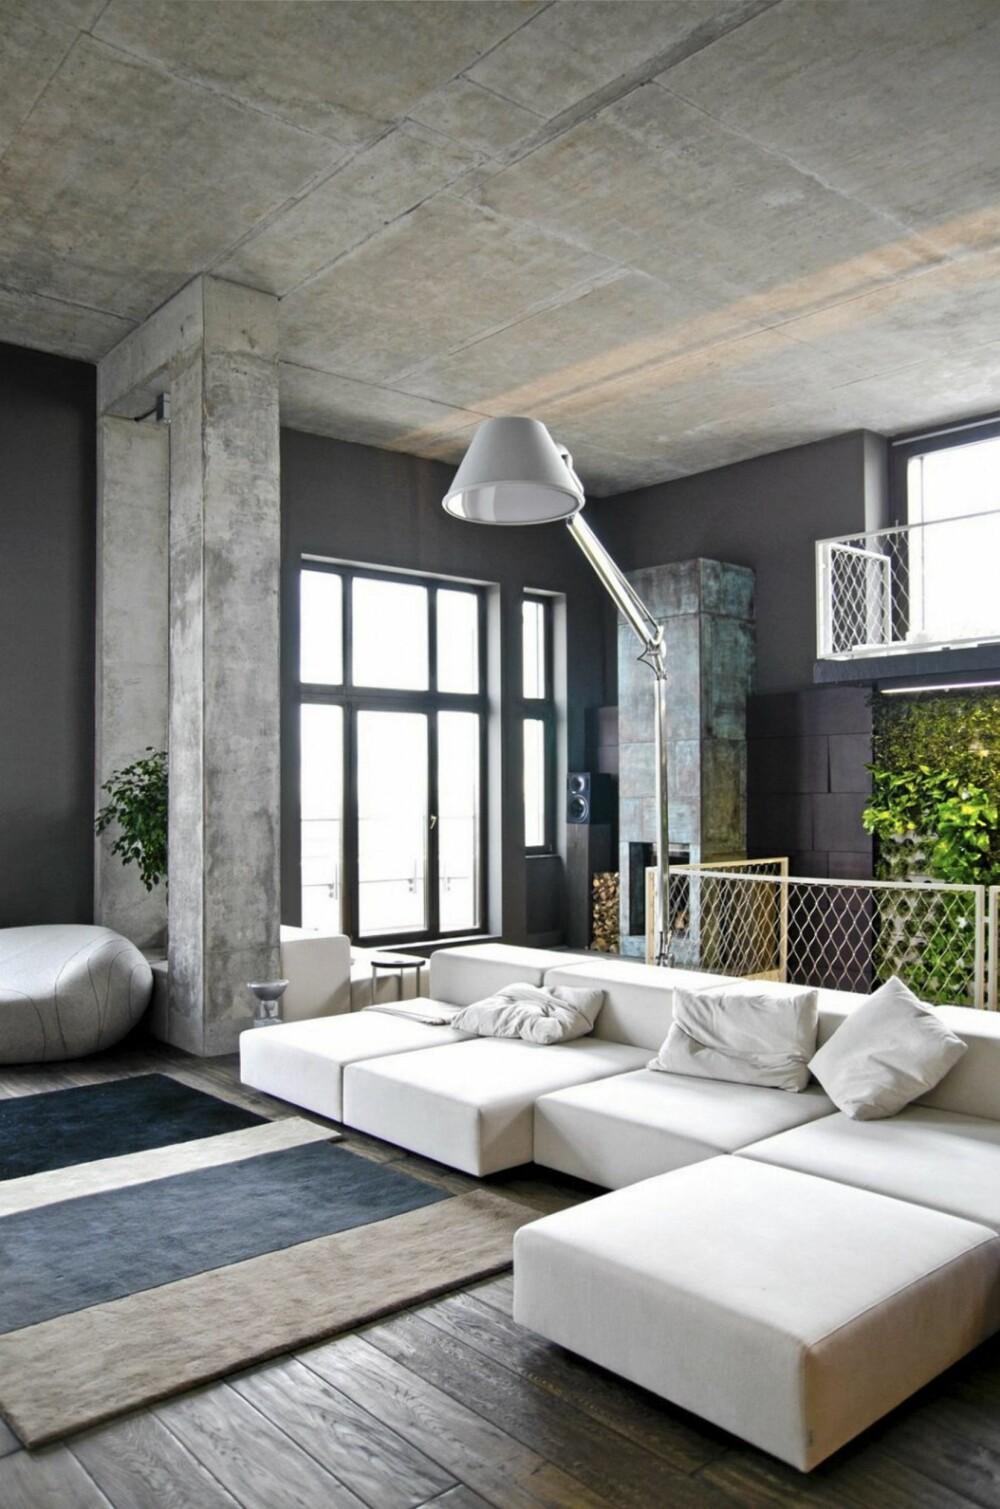 KULE KONTRASTER: Det mørke tregulvet står i tøff kontrast mot de grå betongveggene.